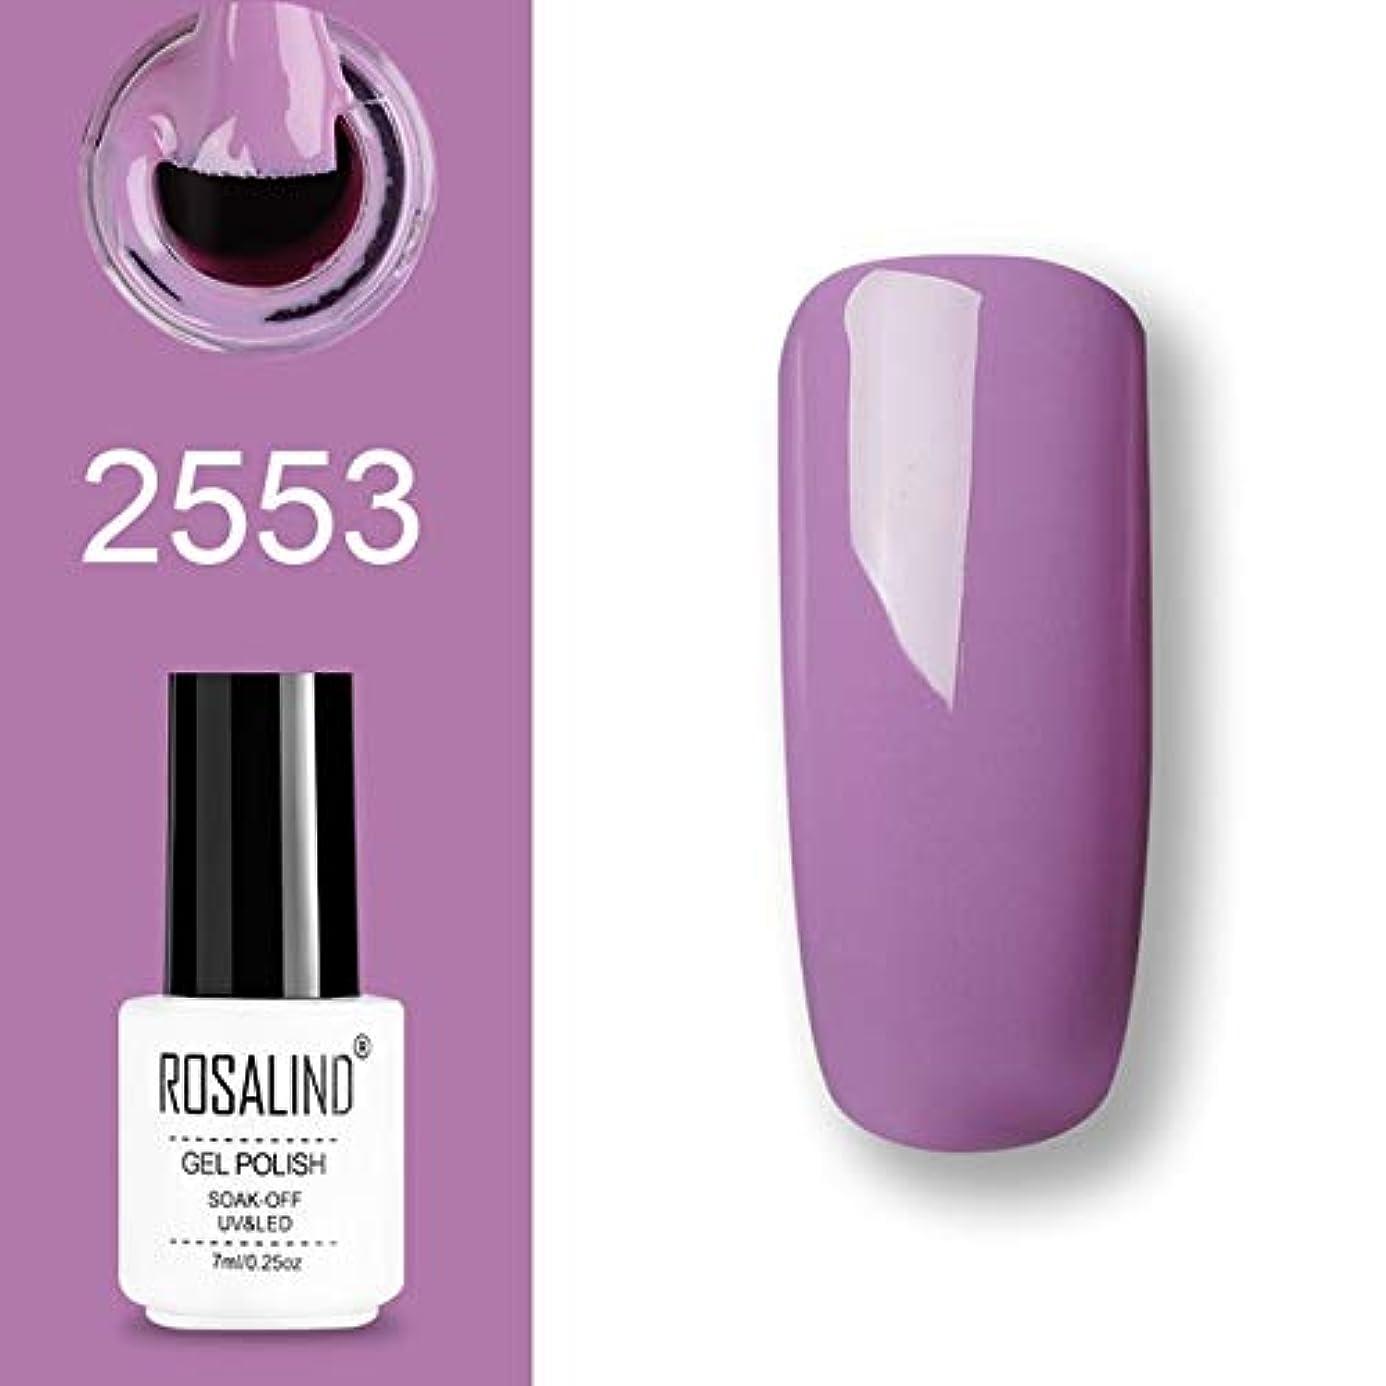 バトル仮説誘導ファッションアイテム ROSALINDジェルポリッシュセットUVセミパーマネントプライマートップコートポリジェルニスネイルアートマニキュアジェル、ライトパープル、容量:7ml 2553。 環境に優しいマニキュア